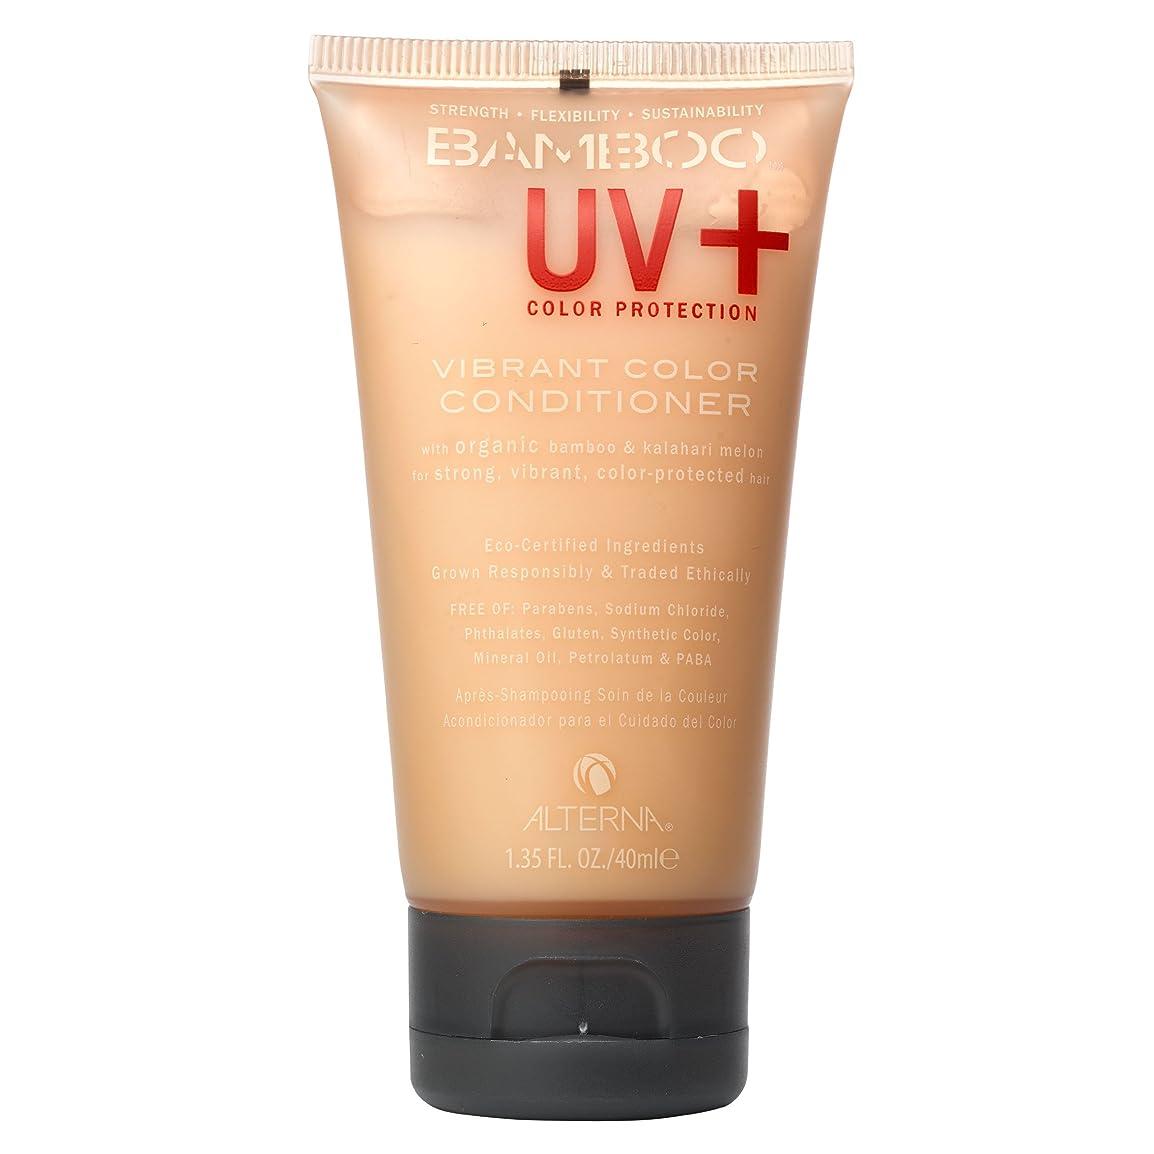 マルコポーロ土器競争Alterna 竹UV +色の保護鮮やかなカラーコンディショナー、1.35オンス